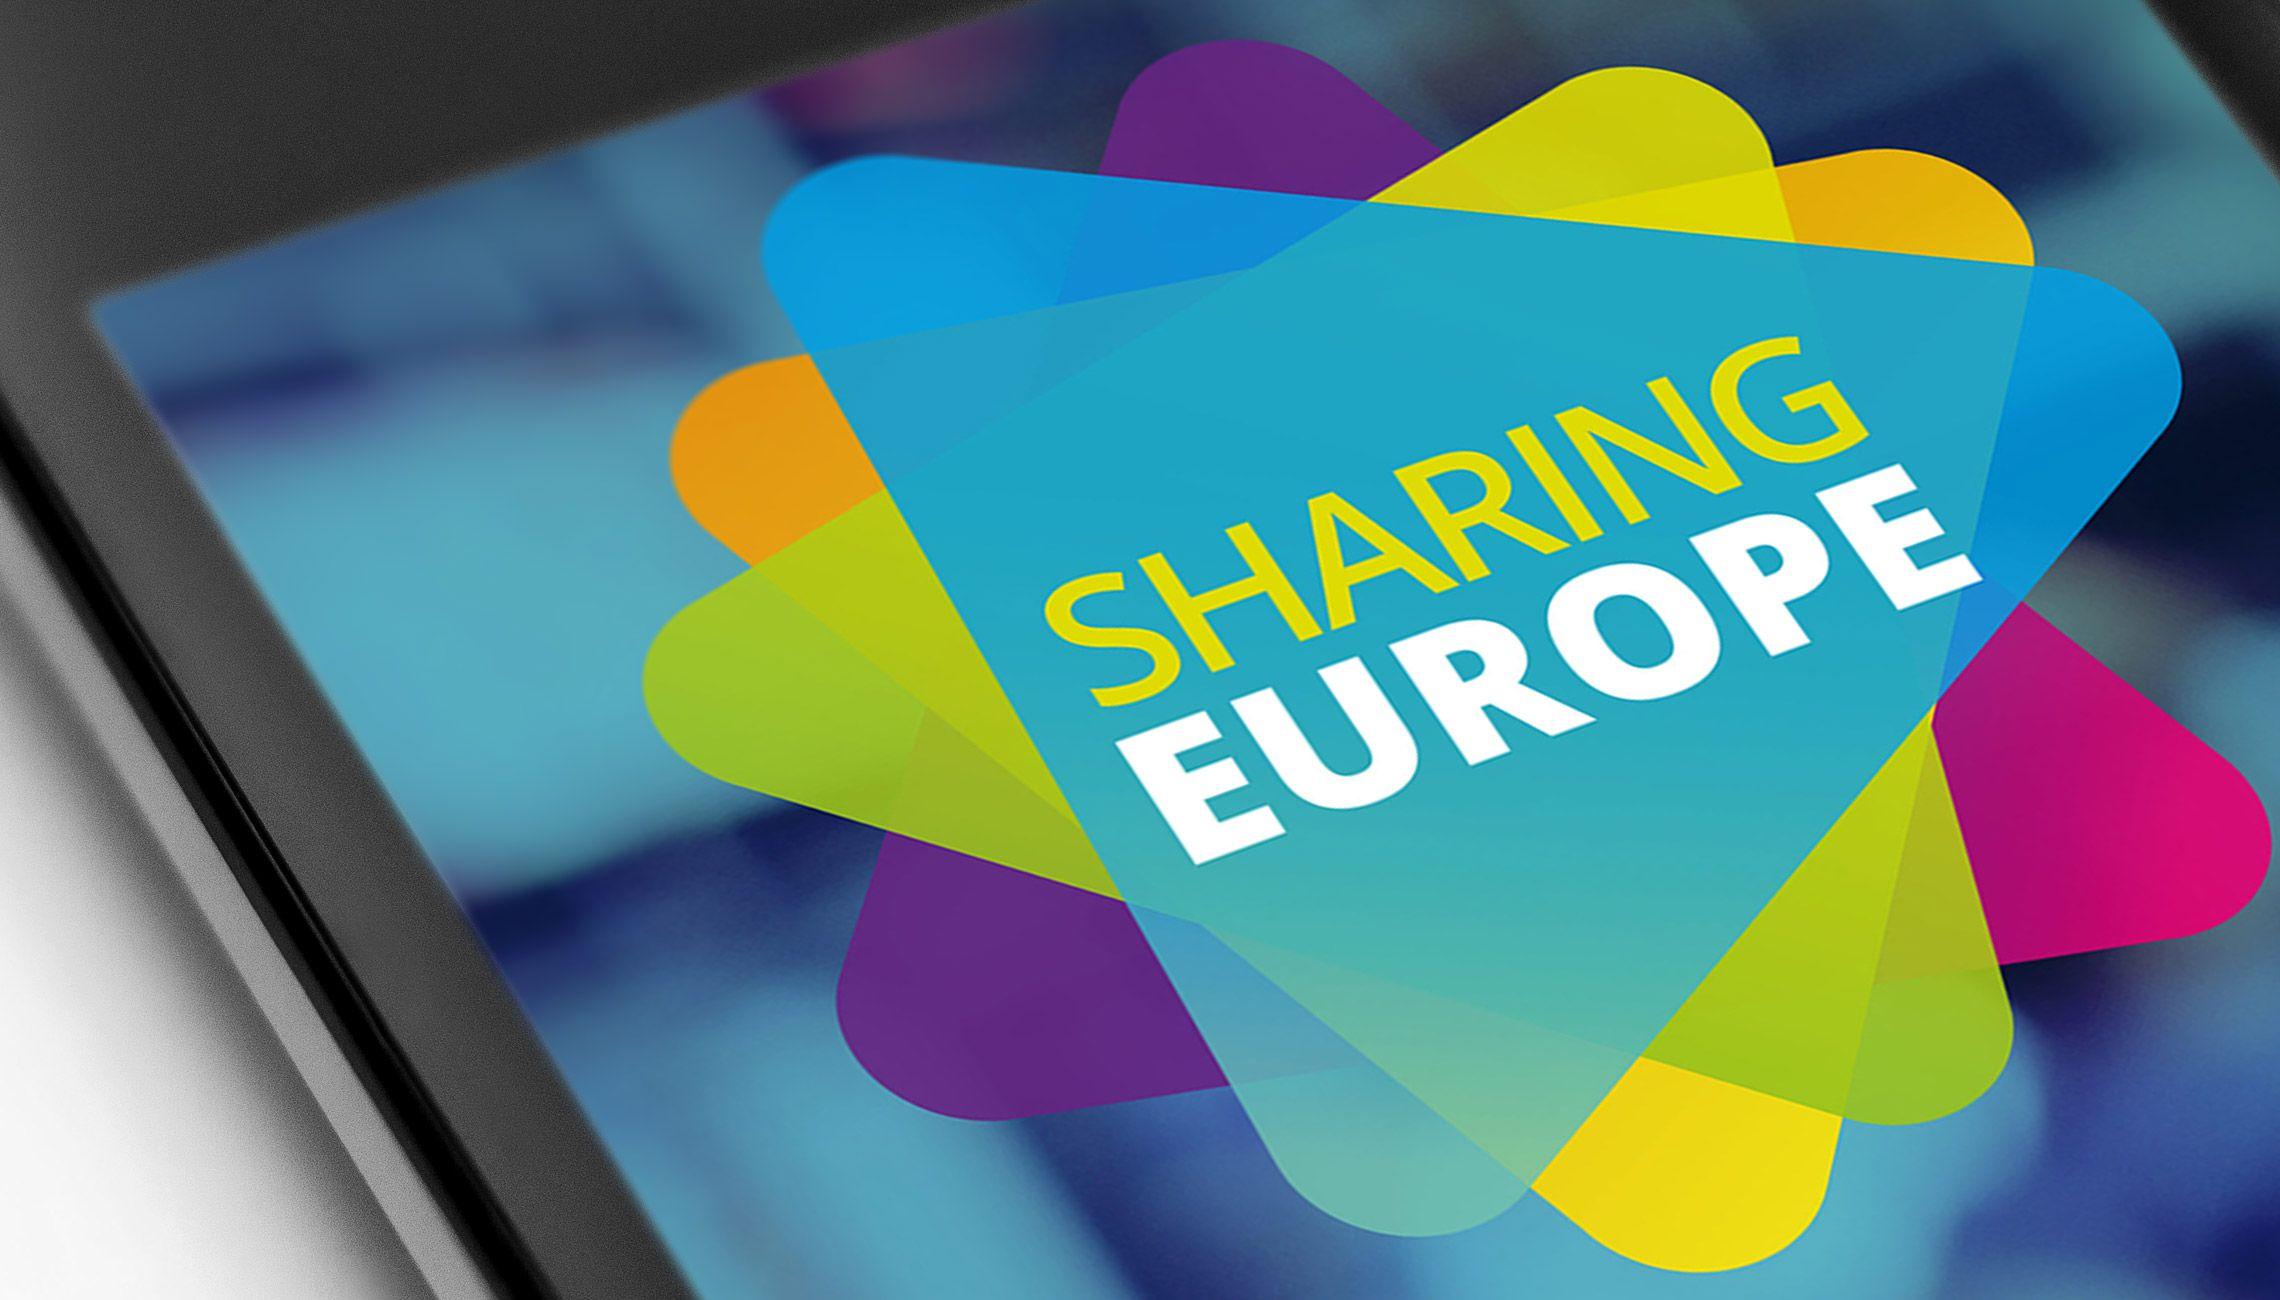 identity: Sharing Europe identity - image 1